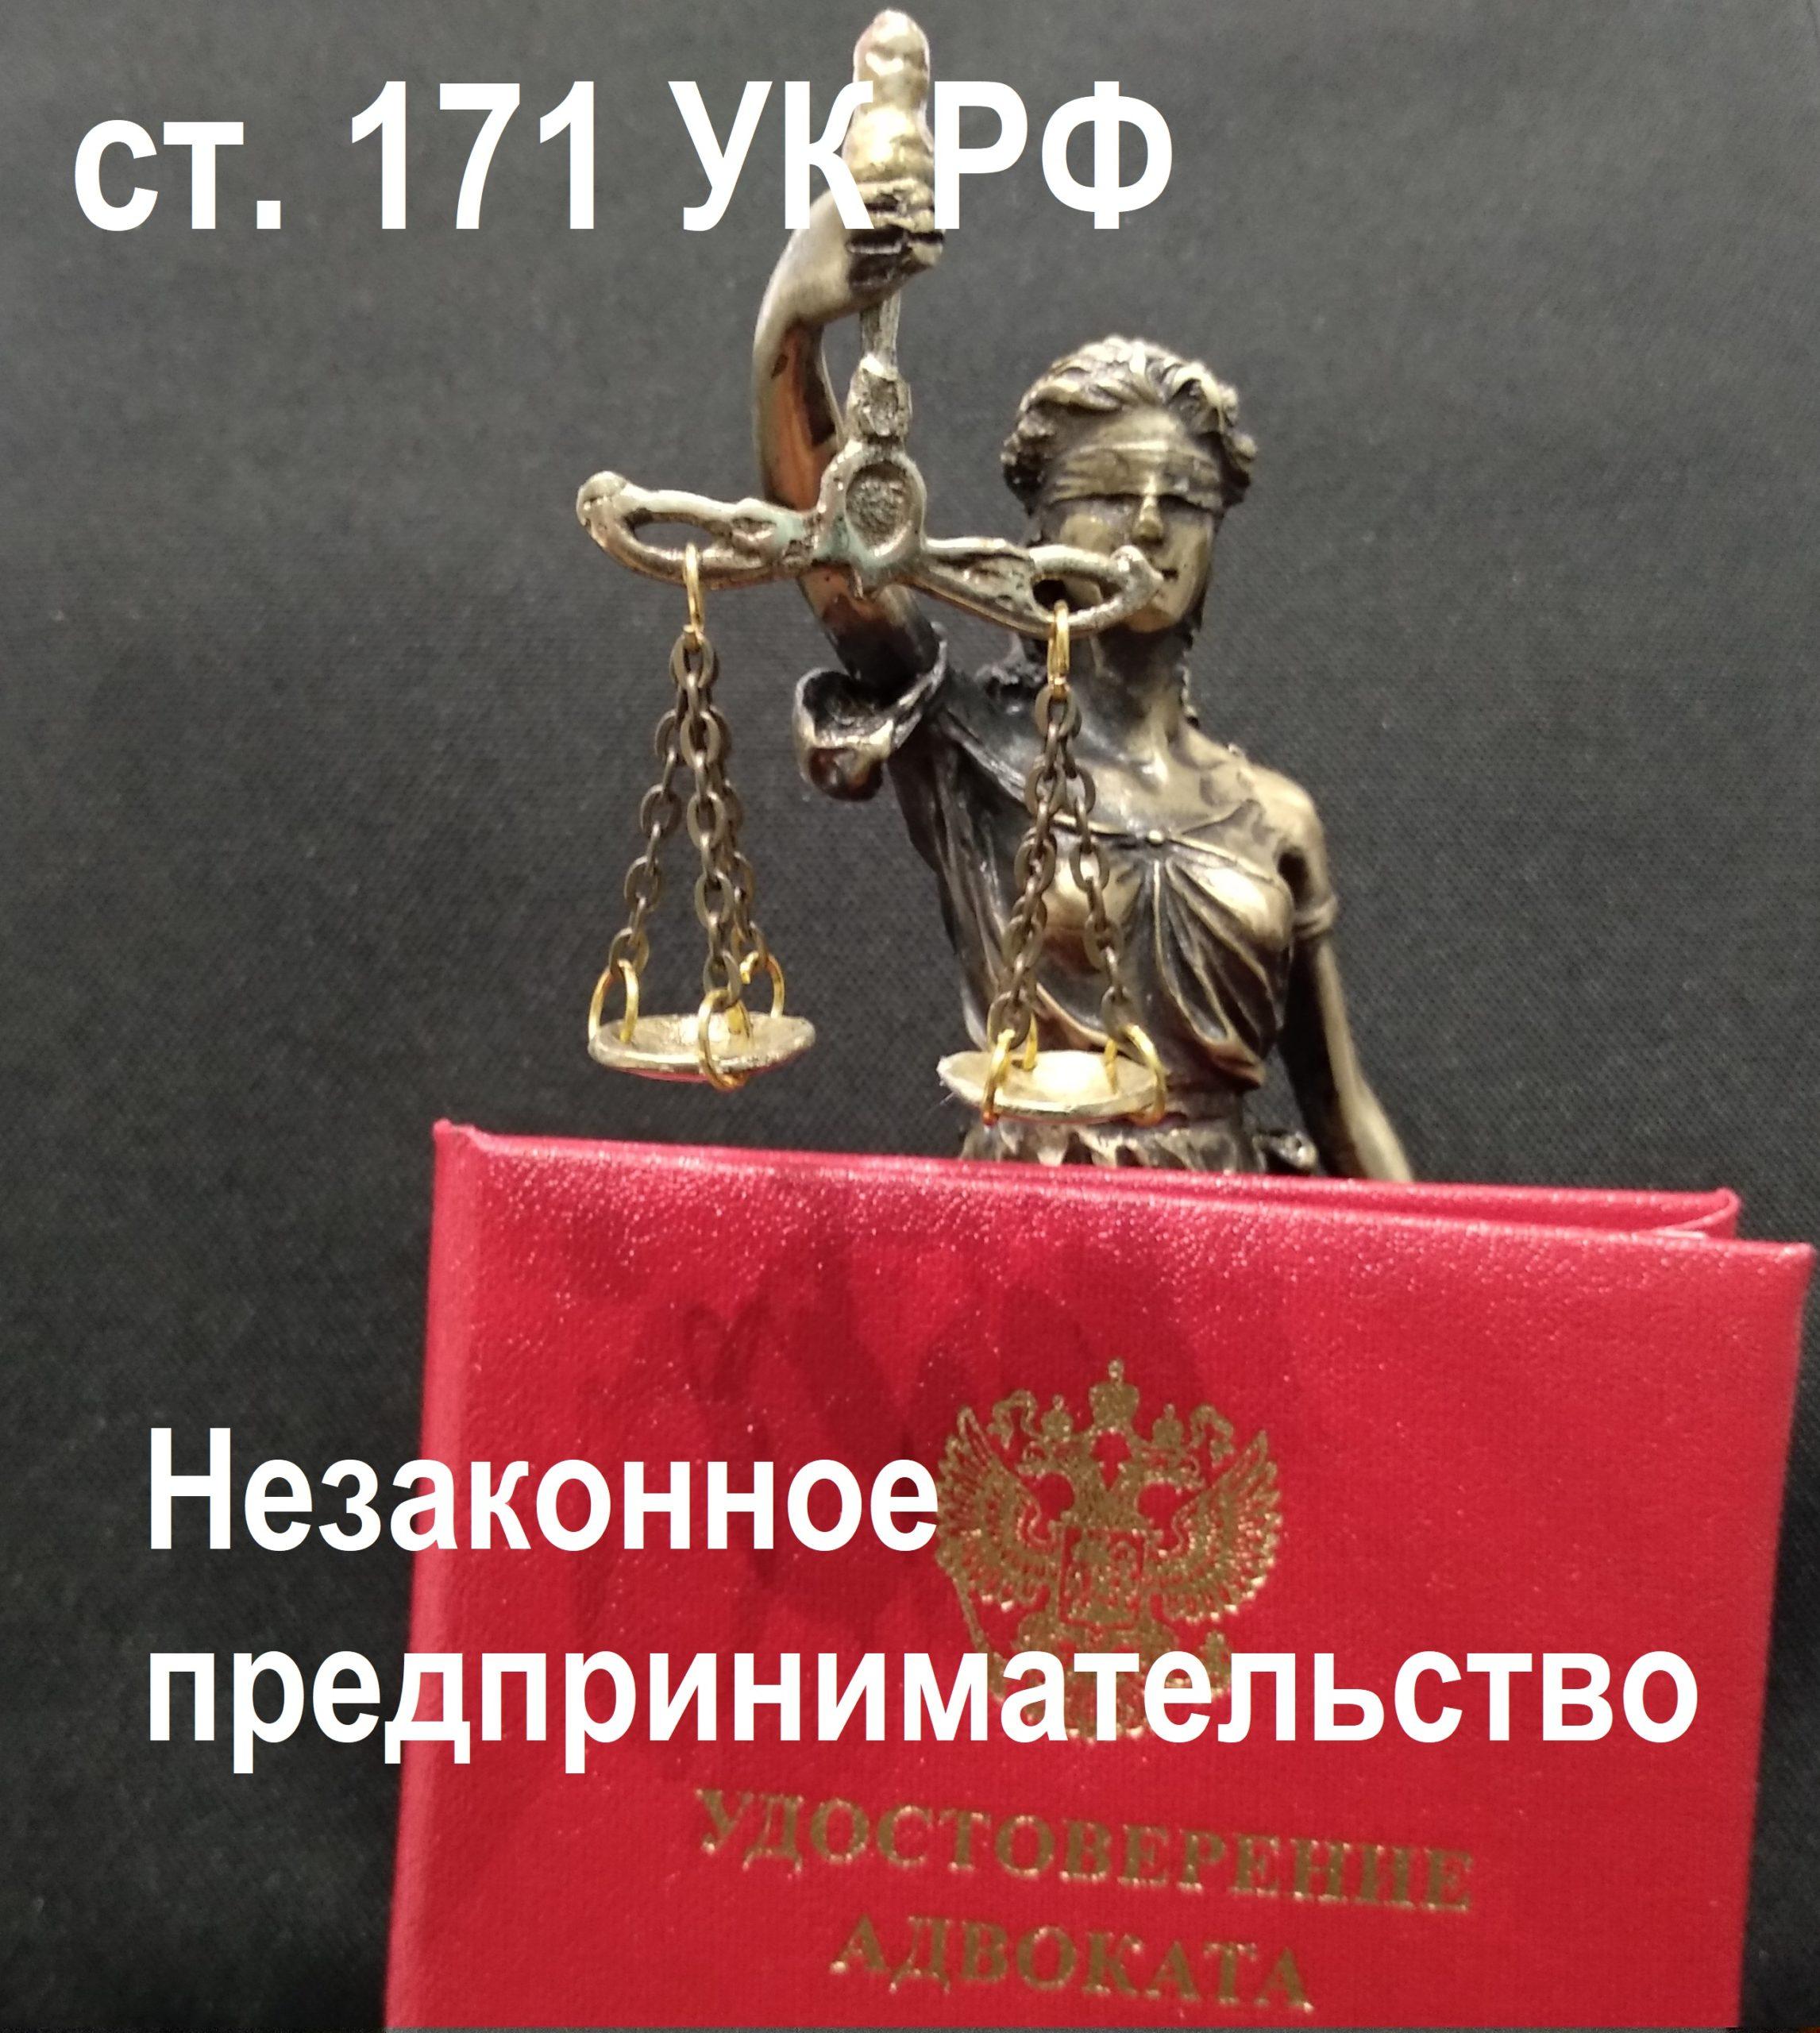 Адвокат по ст. 171 УК РФ Незаконное предпринимательство